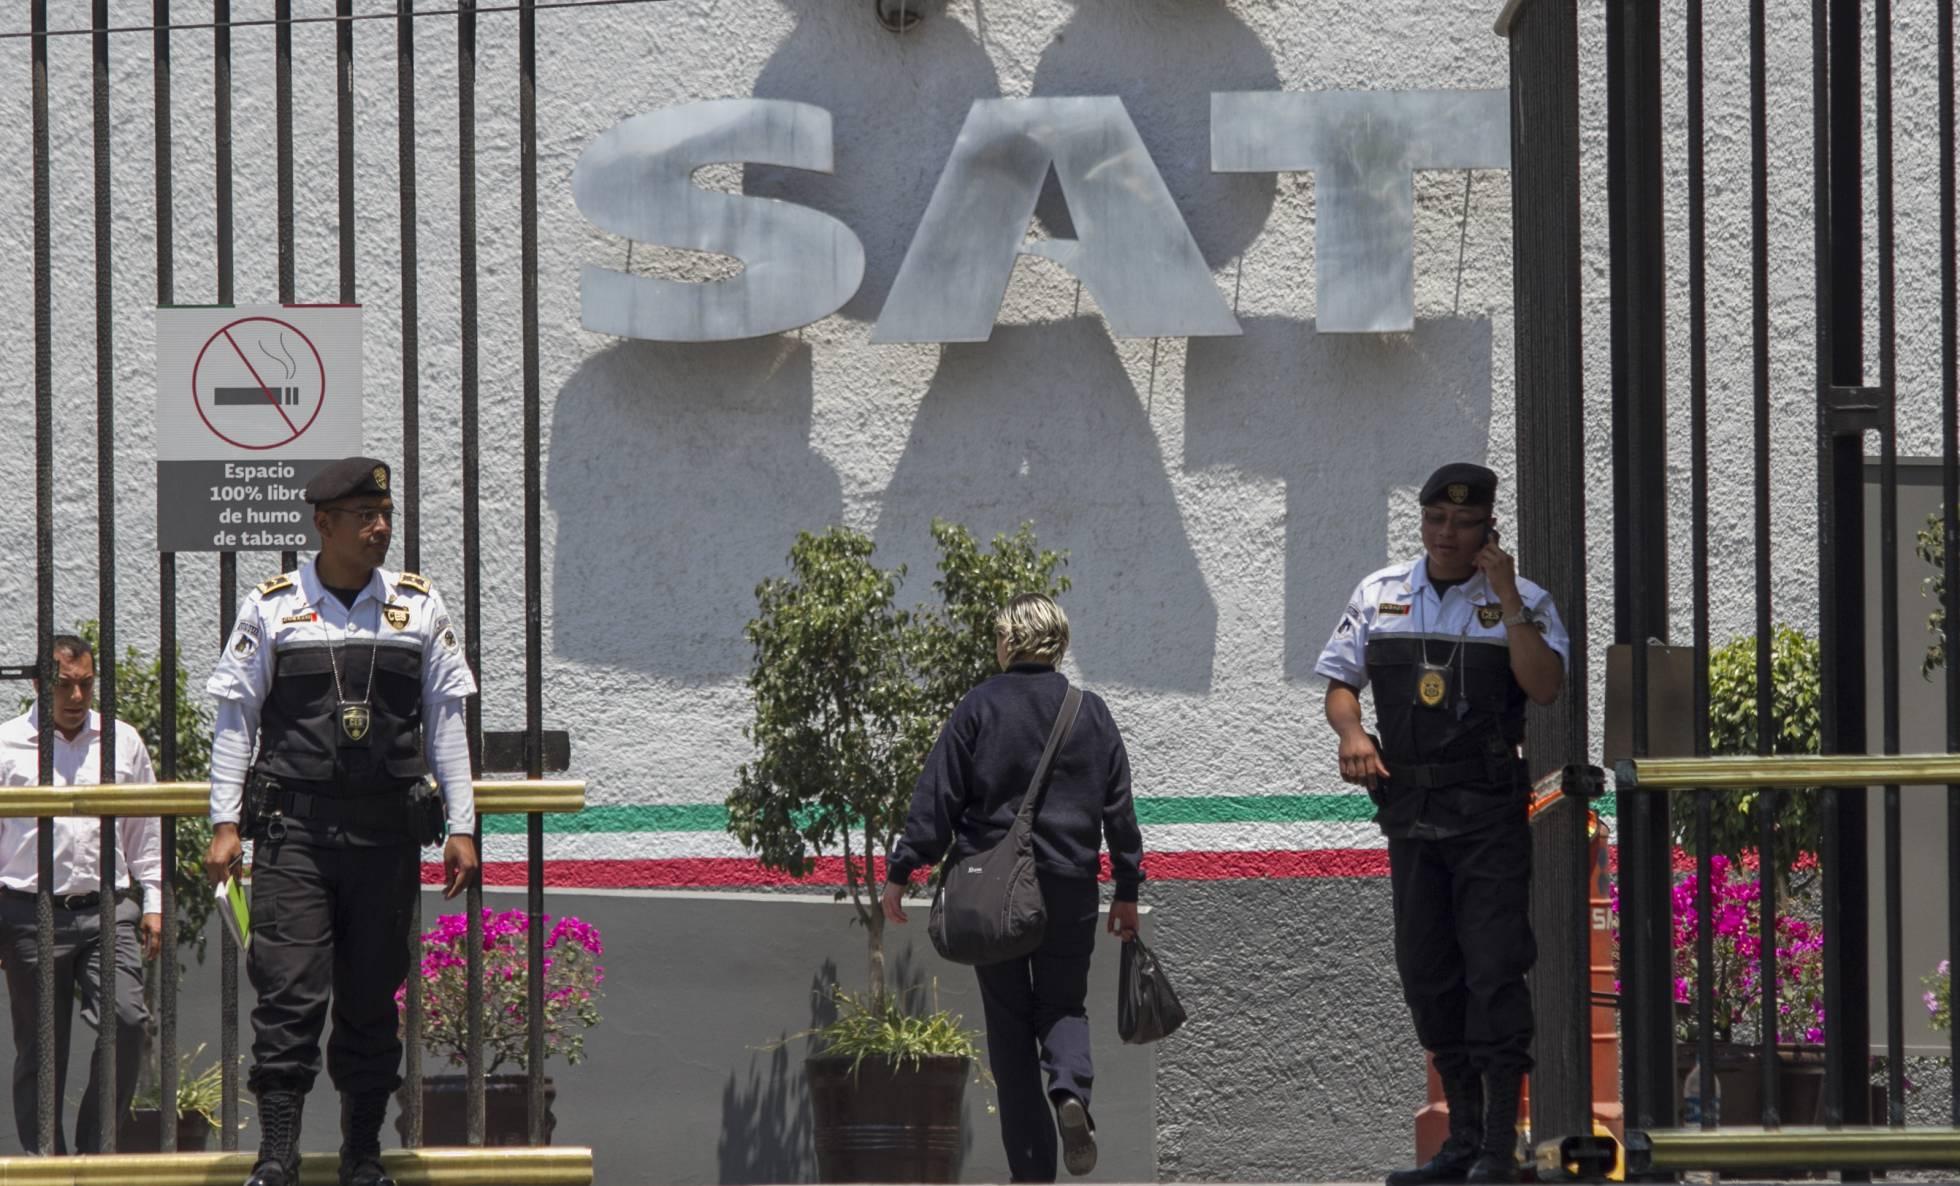 La agencia tributaria de México despide a cientos de funcionarios por los recortes